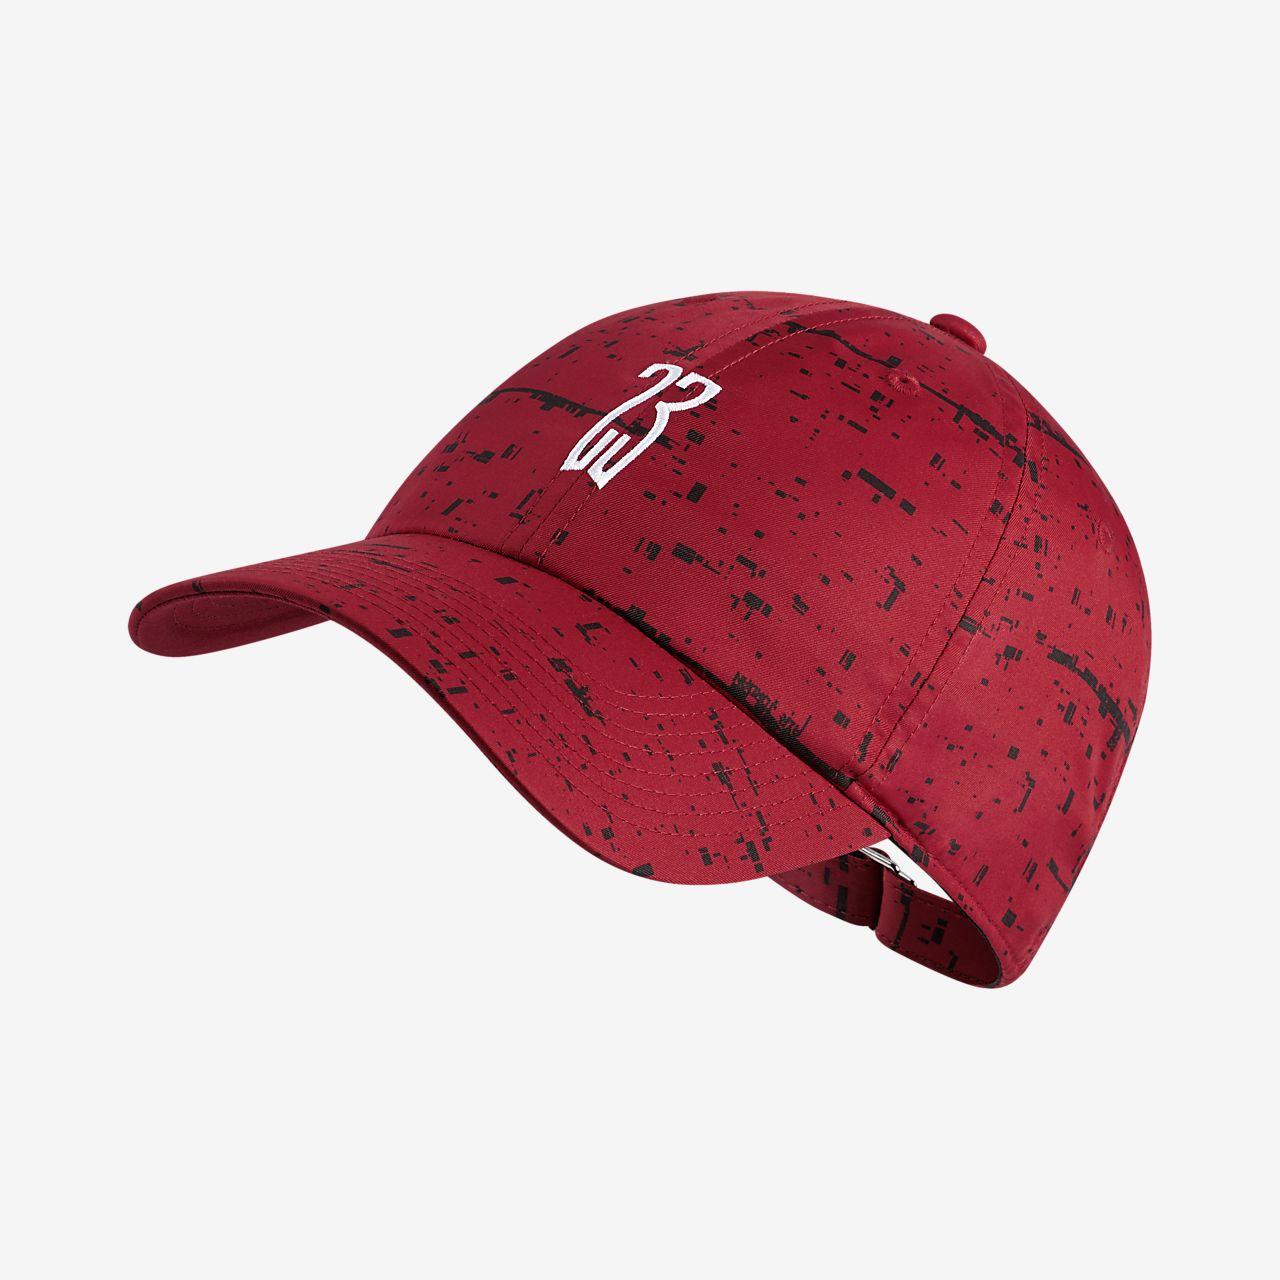 afee7c1fcf29 Air Jordan 14 Legacy H86 Adjustable Hat. Nike.com VN